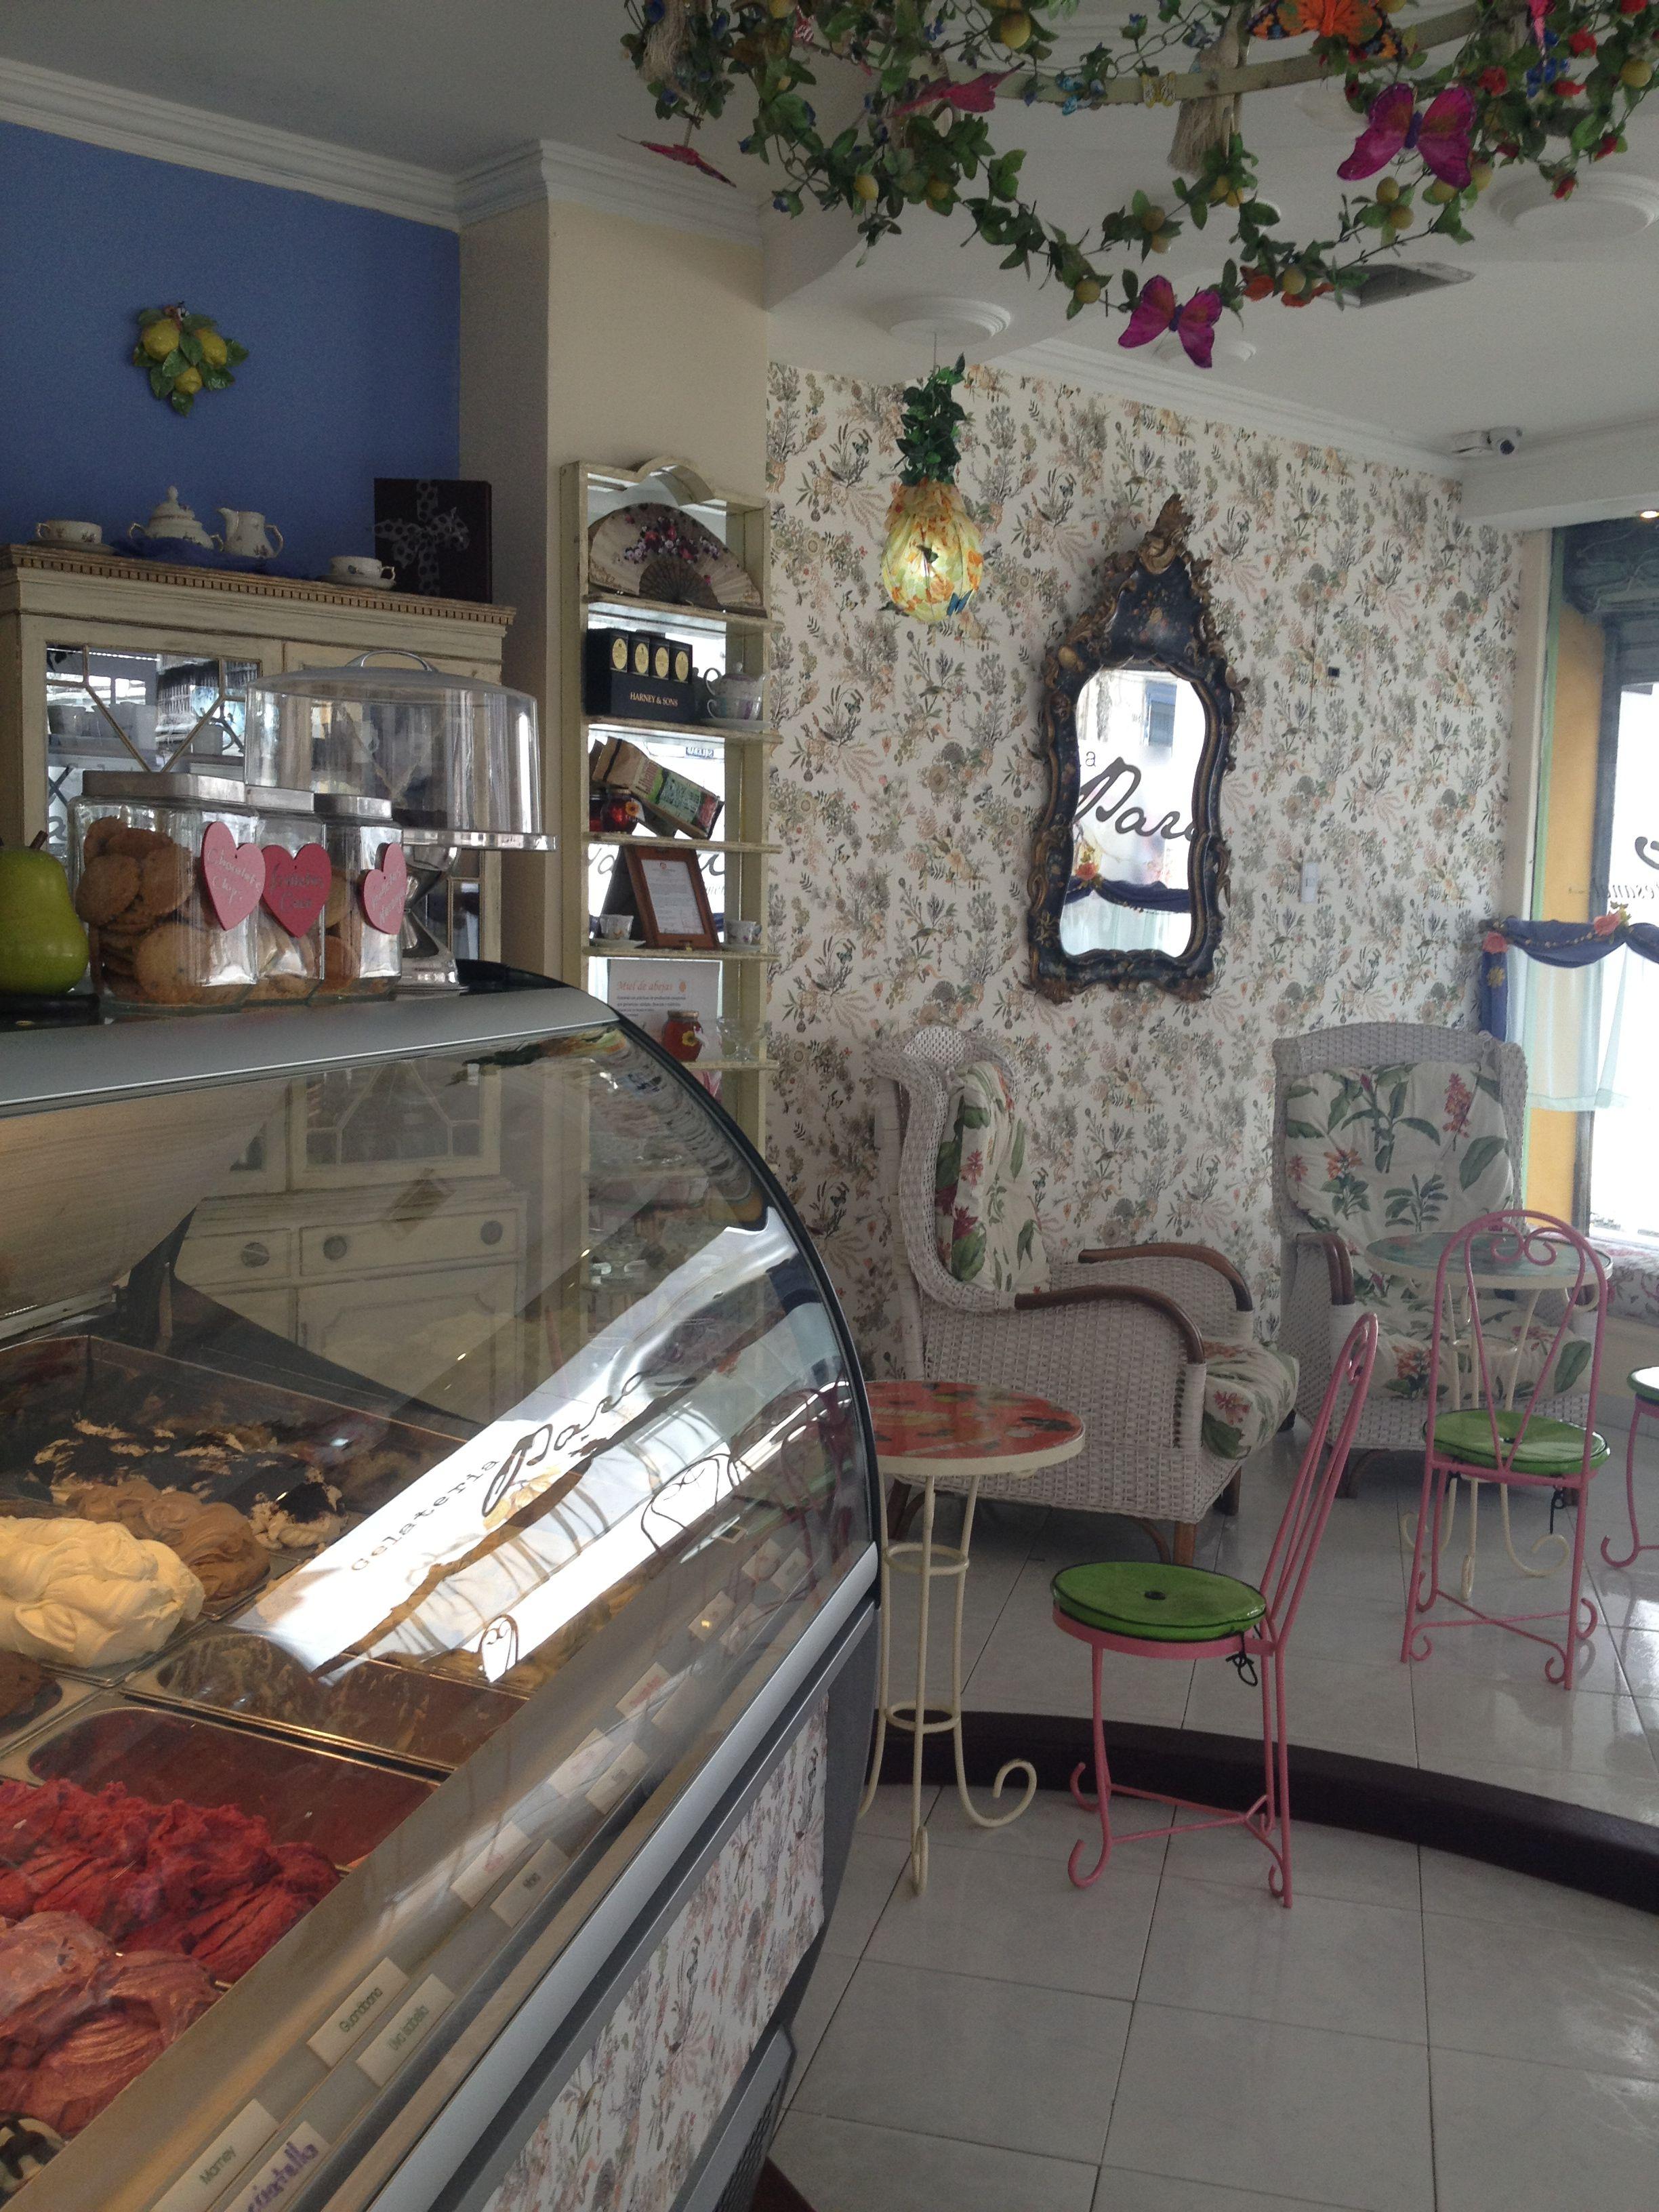 La gran dama de los helados en Cartagena, Gelateria Paradiso, les invita a escaparse del sol y adentrarse en un ambiente refinado y lleno de encanto, donde podrán disfrutar de las cremosas delicias creadas todos los días por nuestras maestras heladeras en la más estricta tradición italiana. Sabores exóticos, como la flor de Jamaica y fruta de la pasión, se combinan con ingredientes 100% naturales y sin aditivos para brindarles el mejor helado posible.